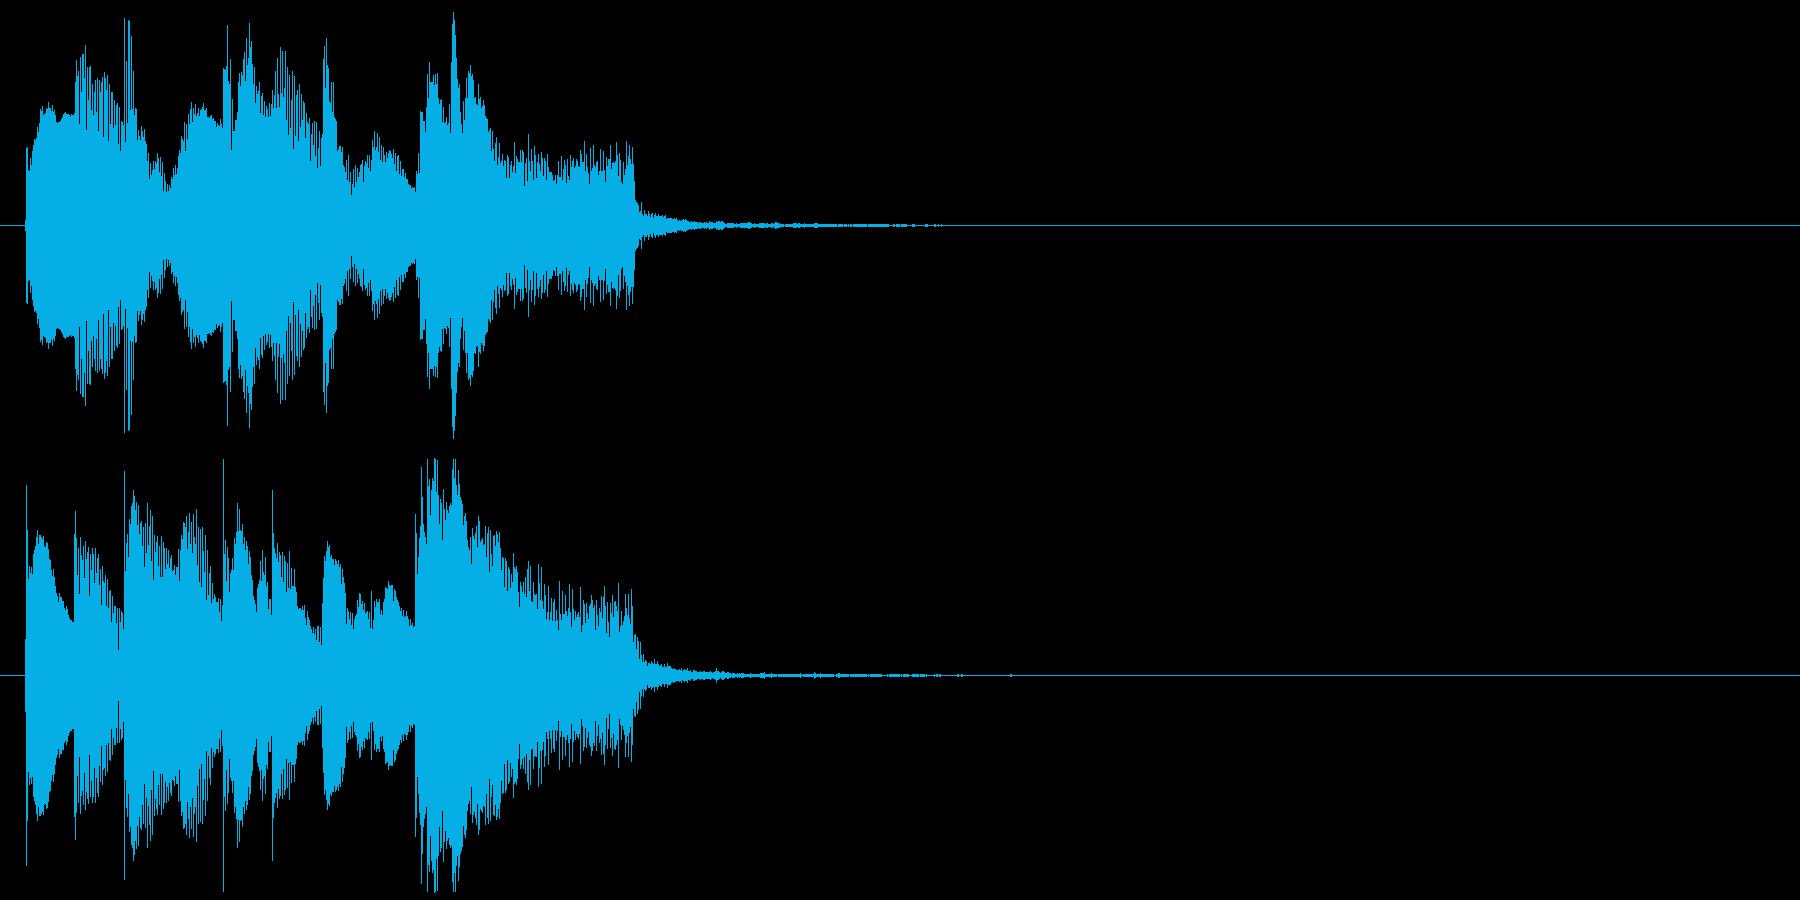 サウンドロゴ風ジングル 優しく近未来的の再生済みの波形